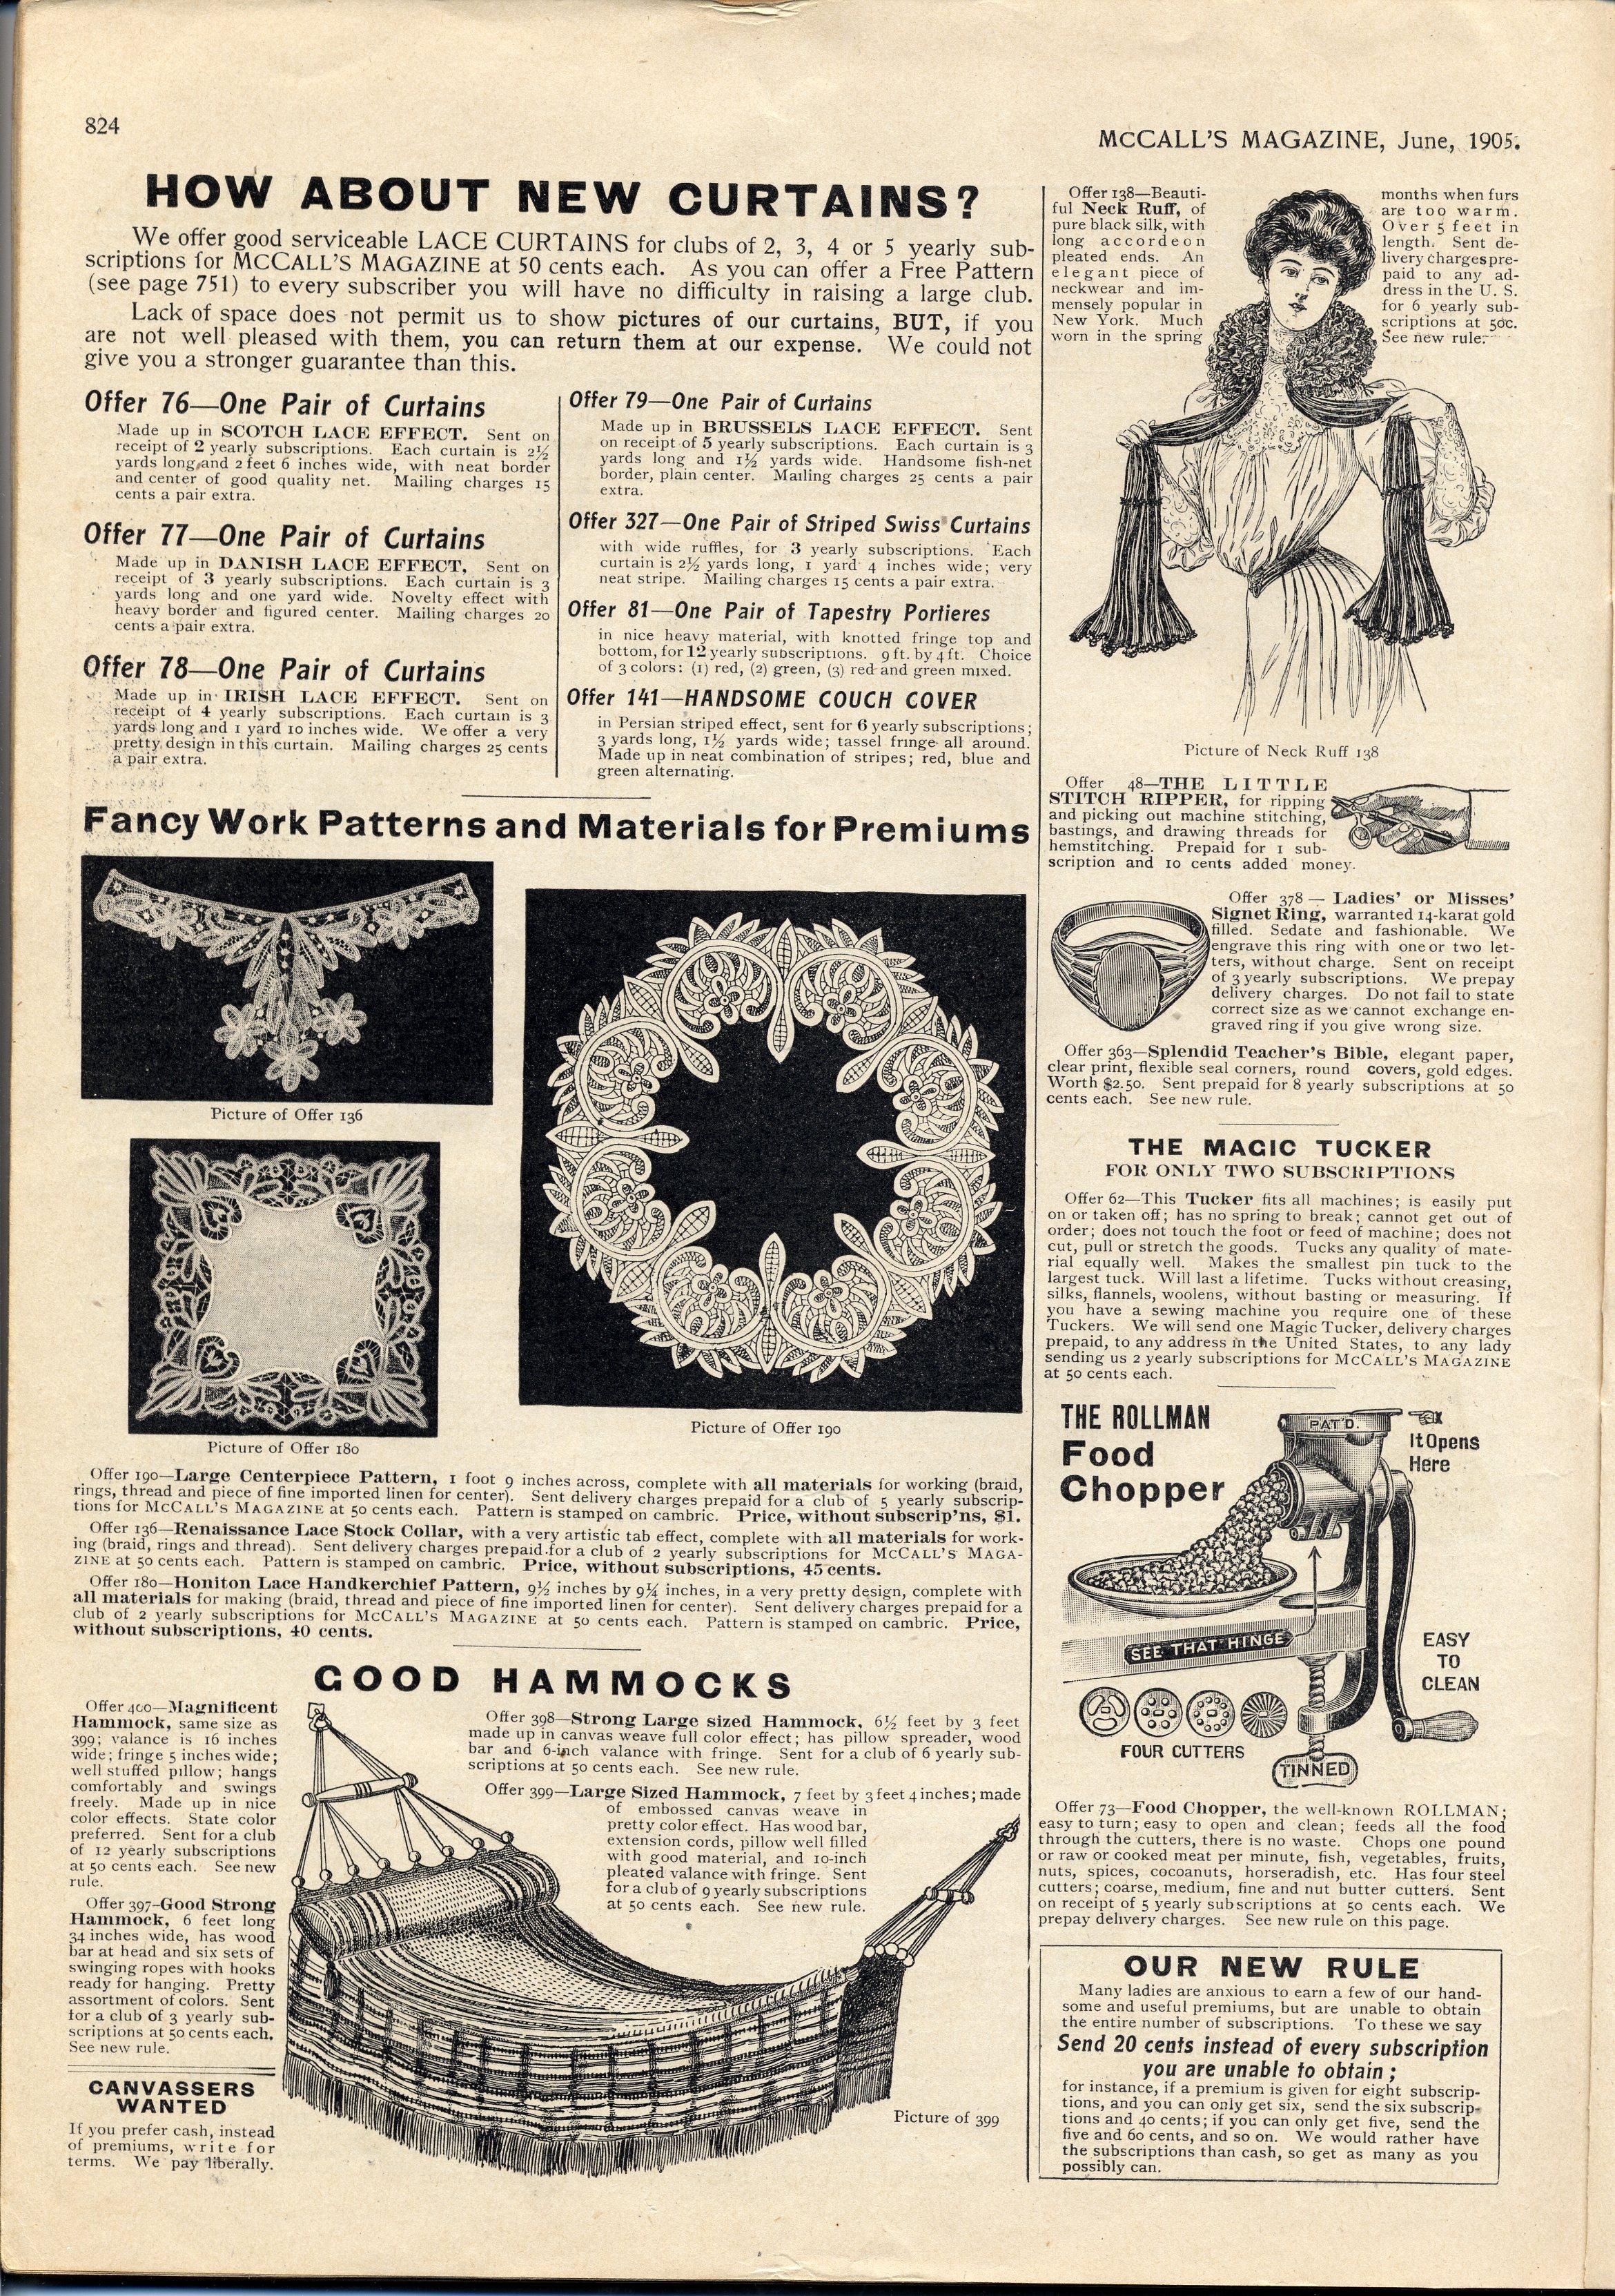 accessory, victorian accessory,  old fashion accessory,  lace